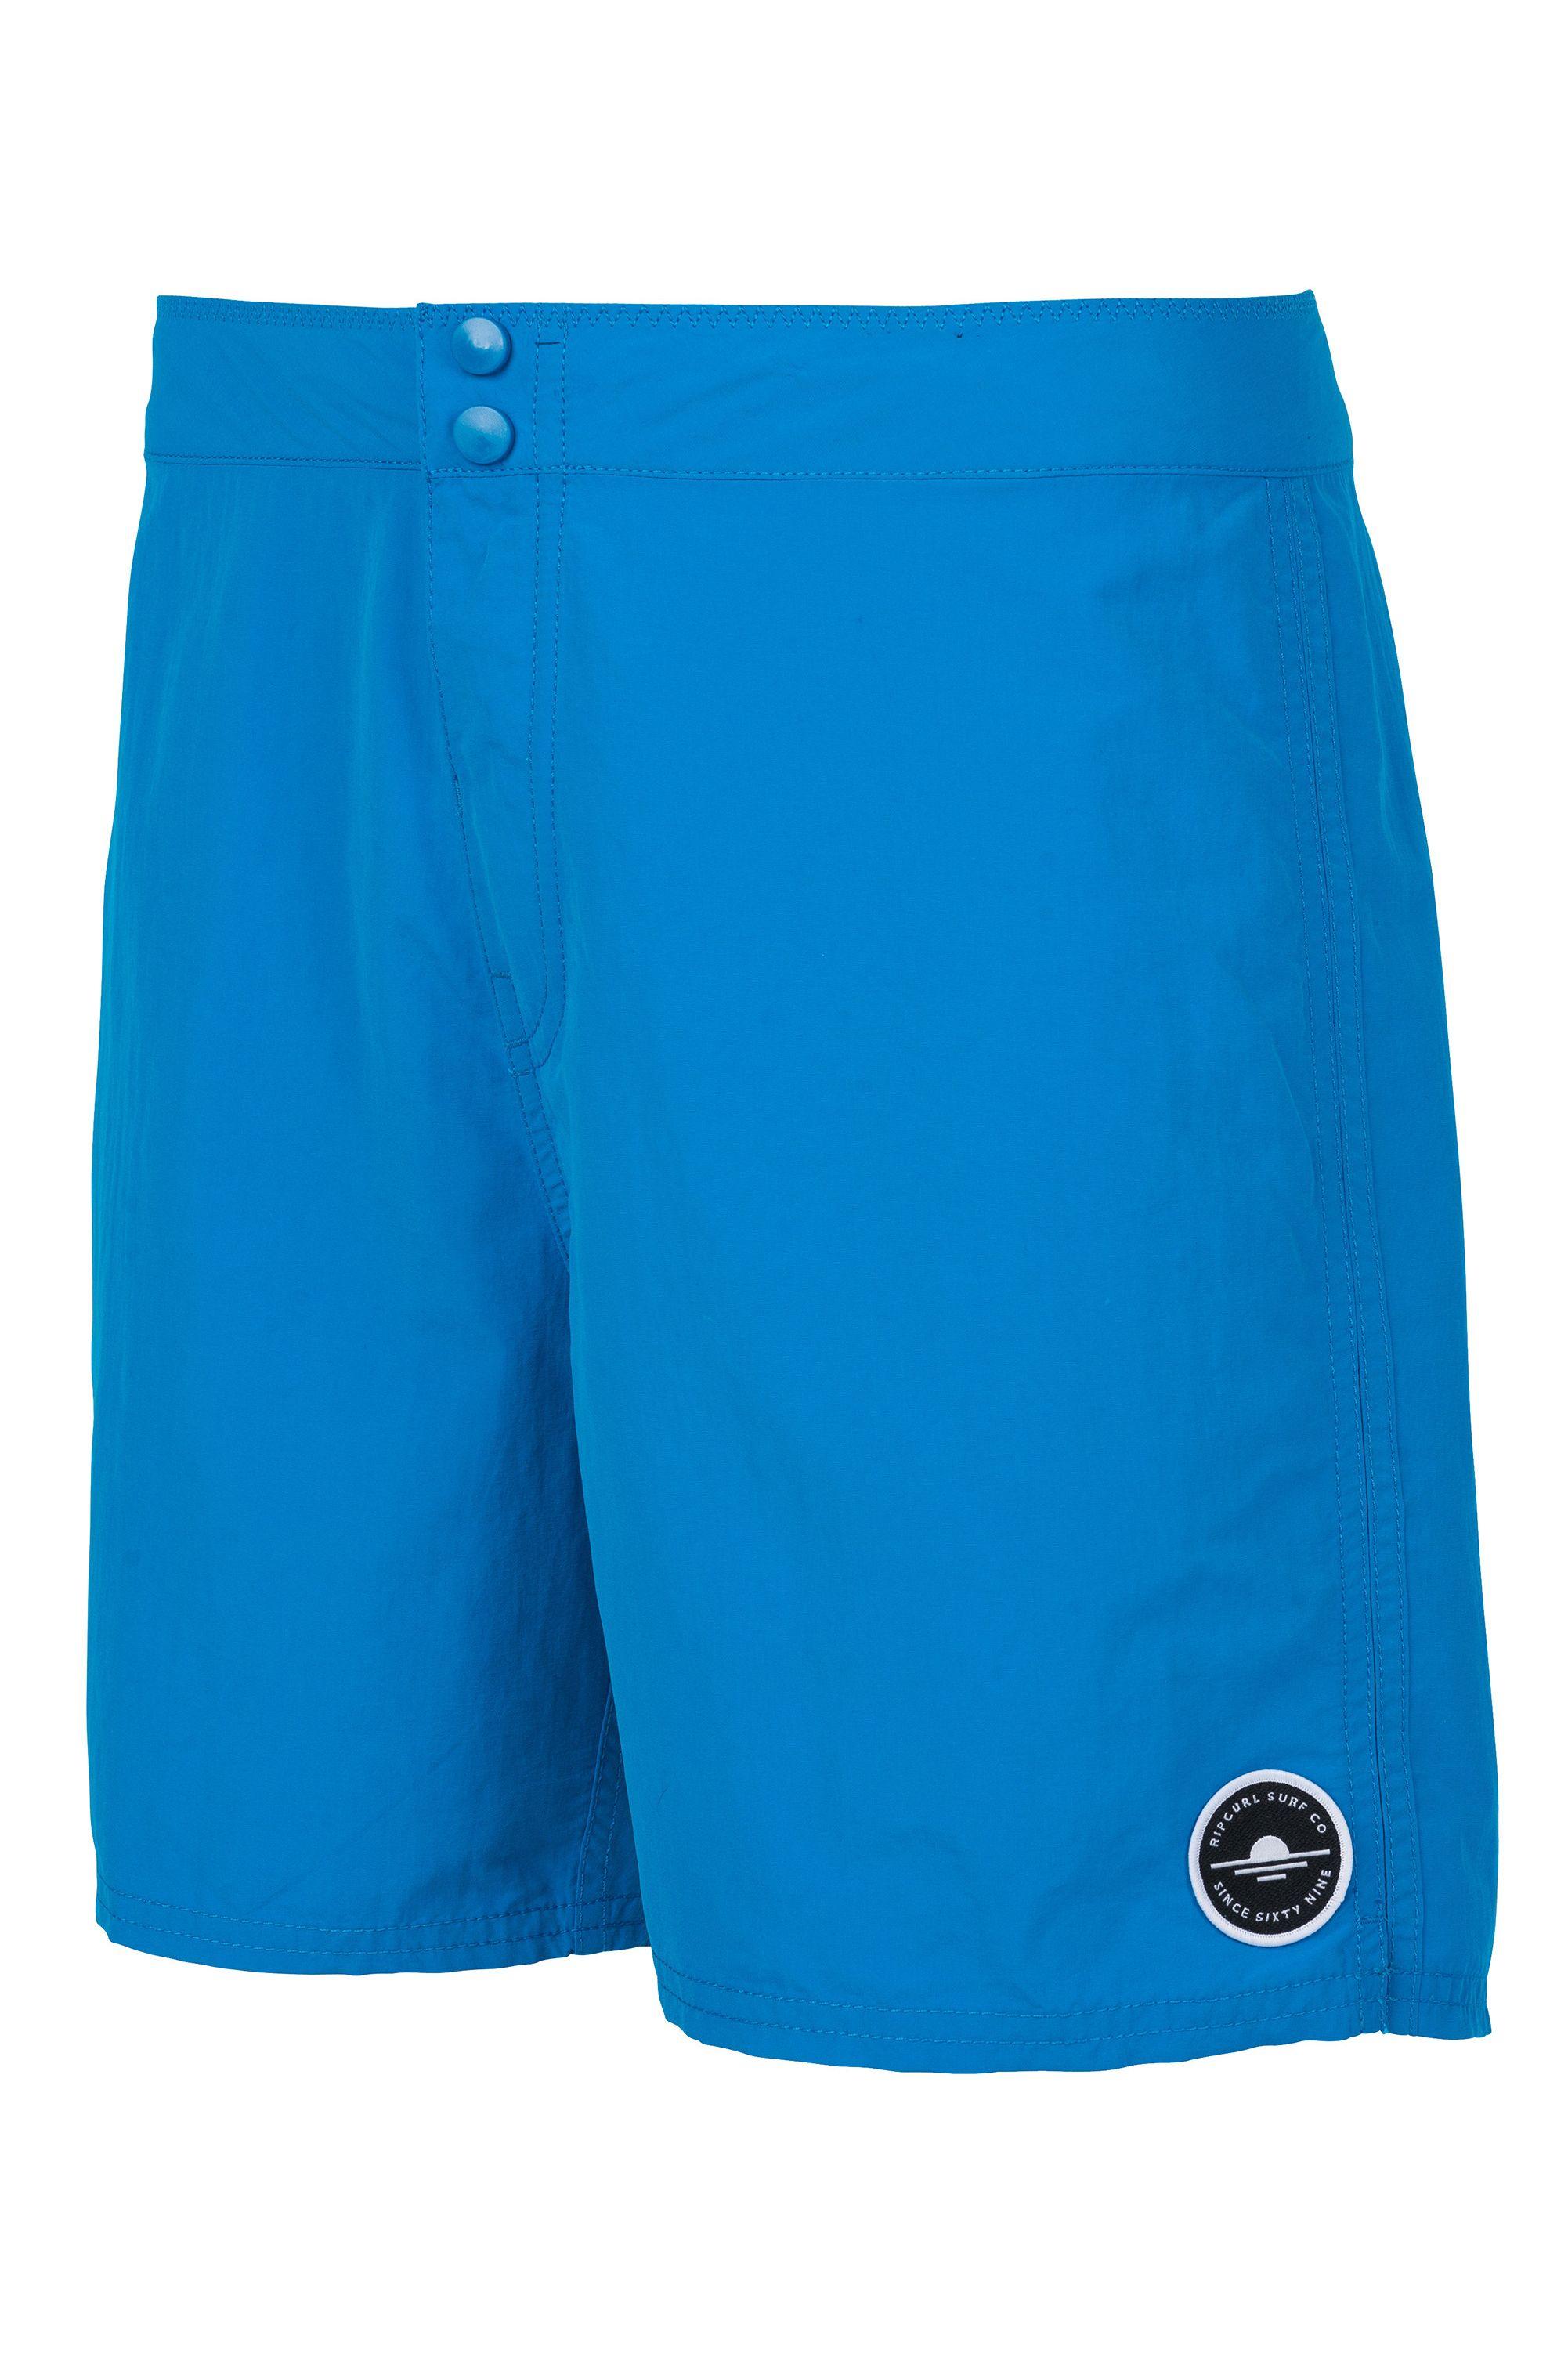 Rip Curl Boardshorts RETRO VENTURE 17'' Blue